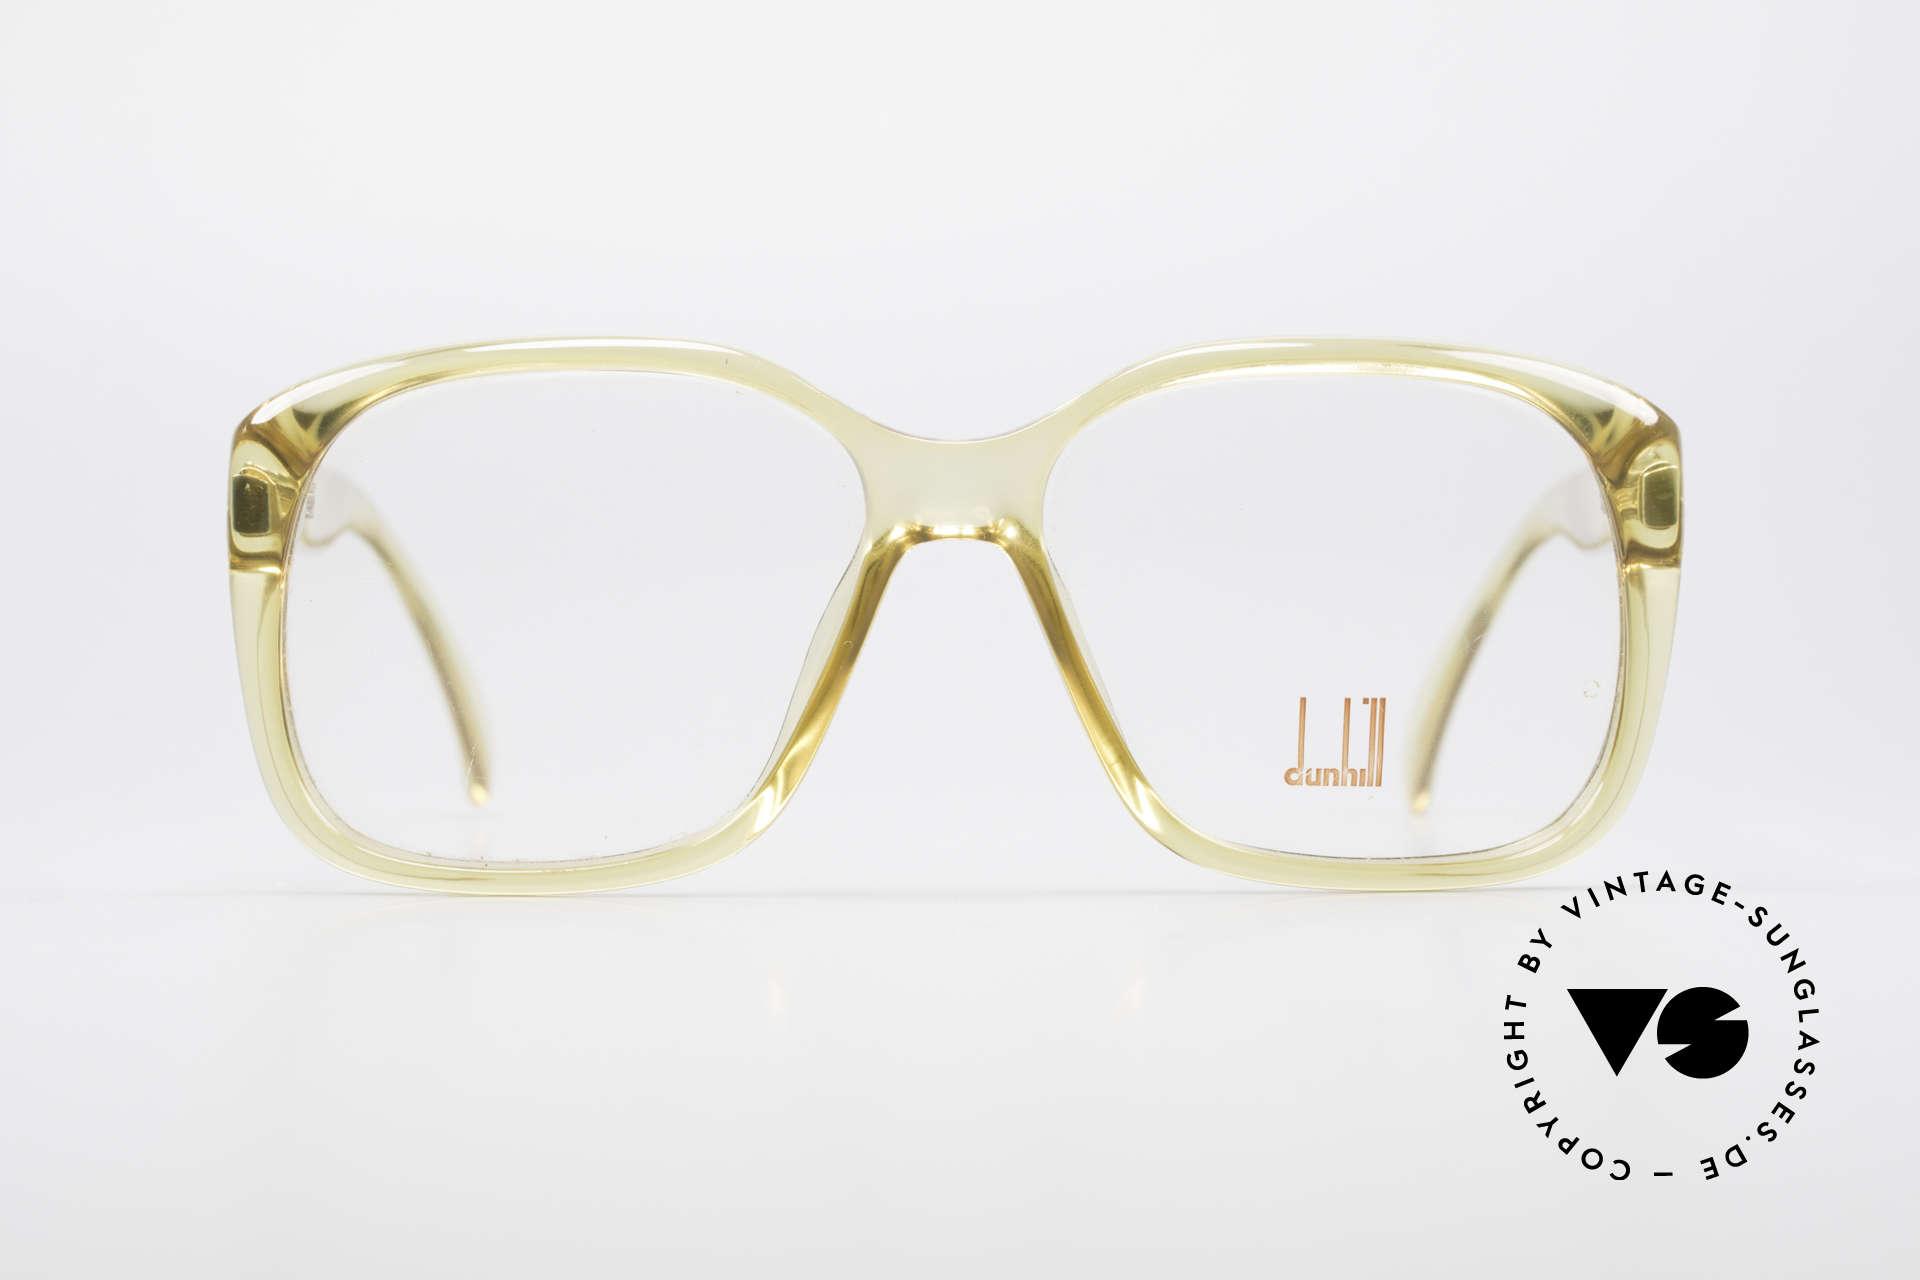 Dunhill 6013 80er Old School Goliath Brille, HipHop-Brille aus den 1980er Jahren; ein Sammlerstück, Passend für Herren